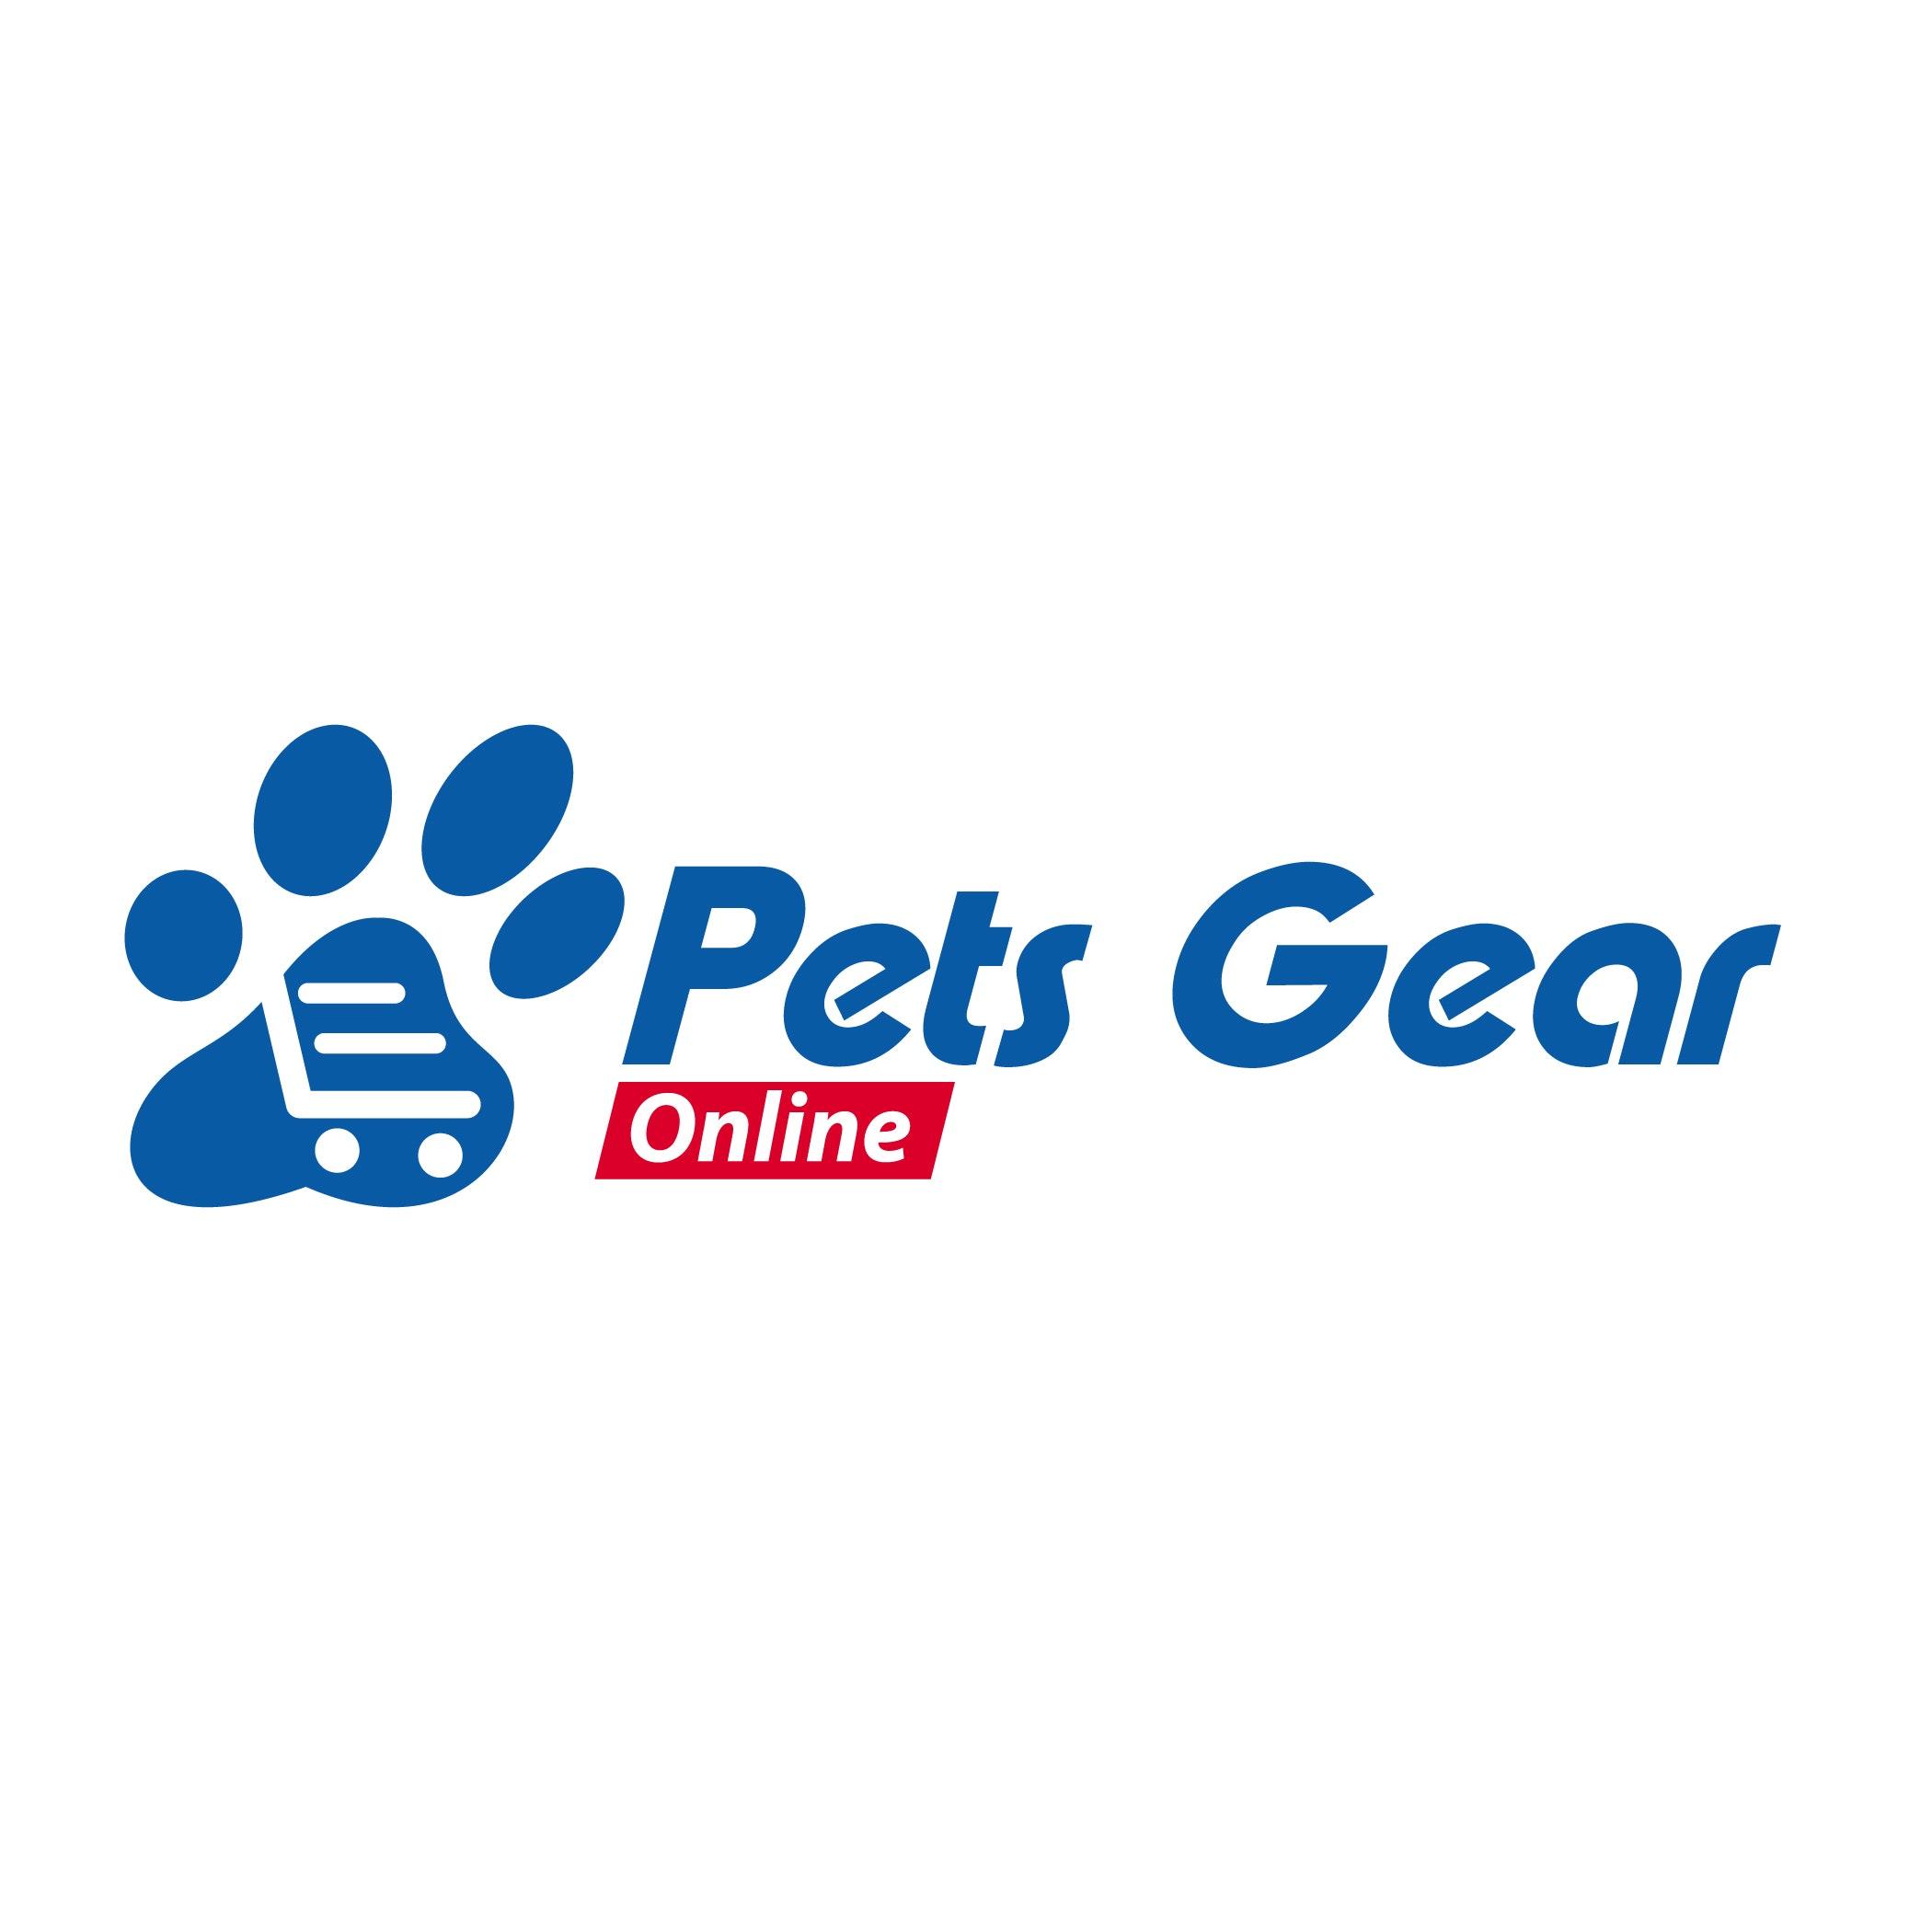 Pets Gear Online